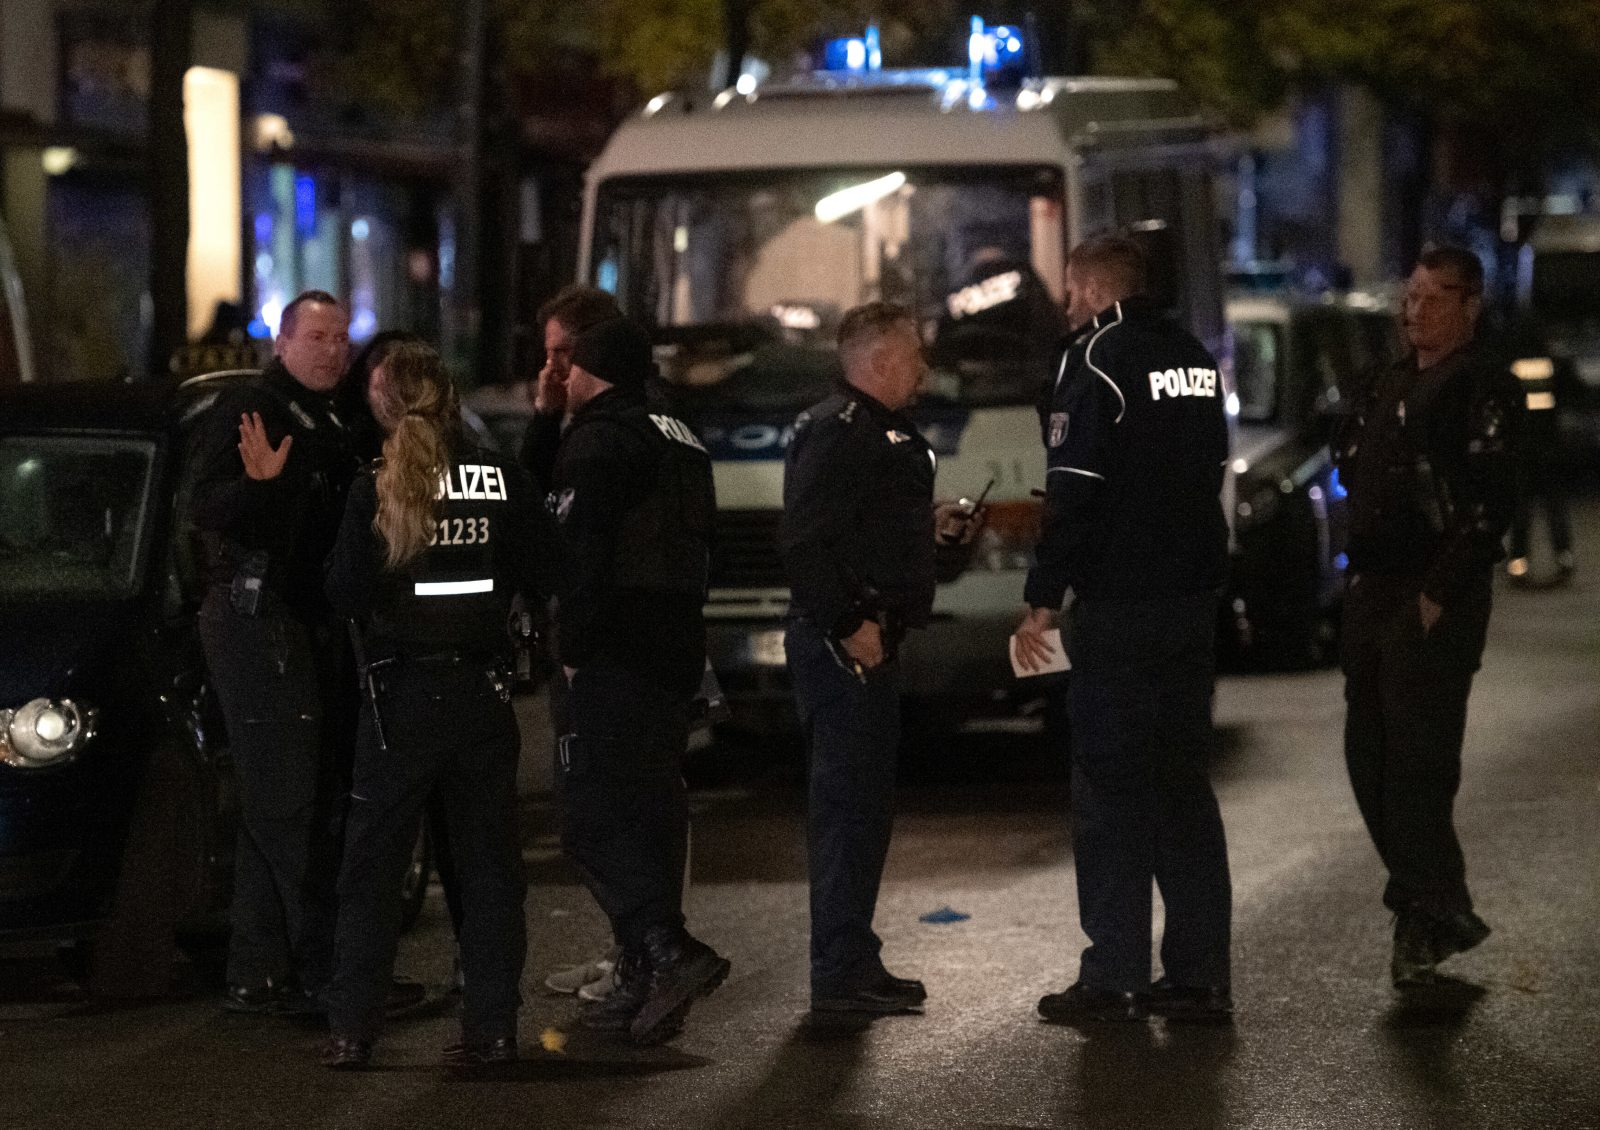 Berliner Polizisten im Einsatz (Archivbild) Foto: picture alliance/Paul Zinken/dpa